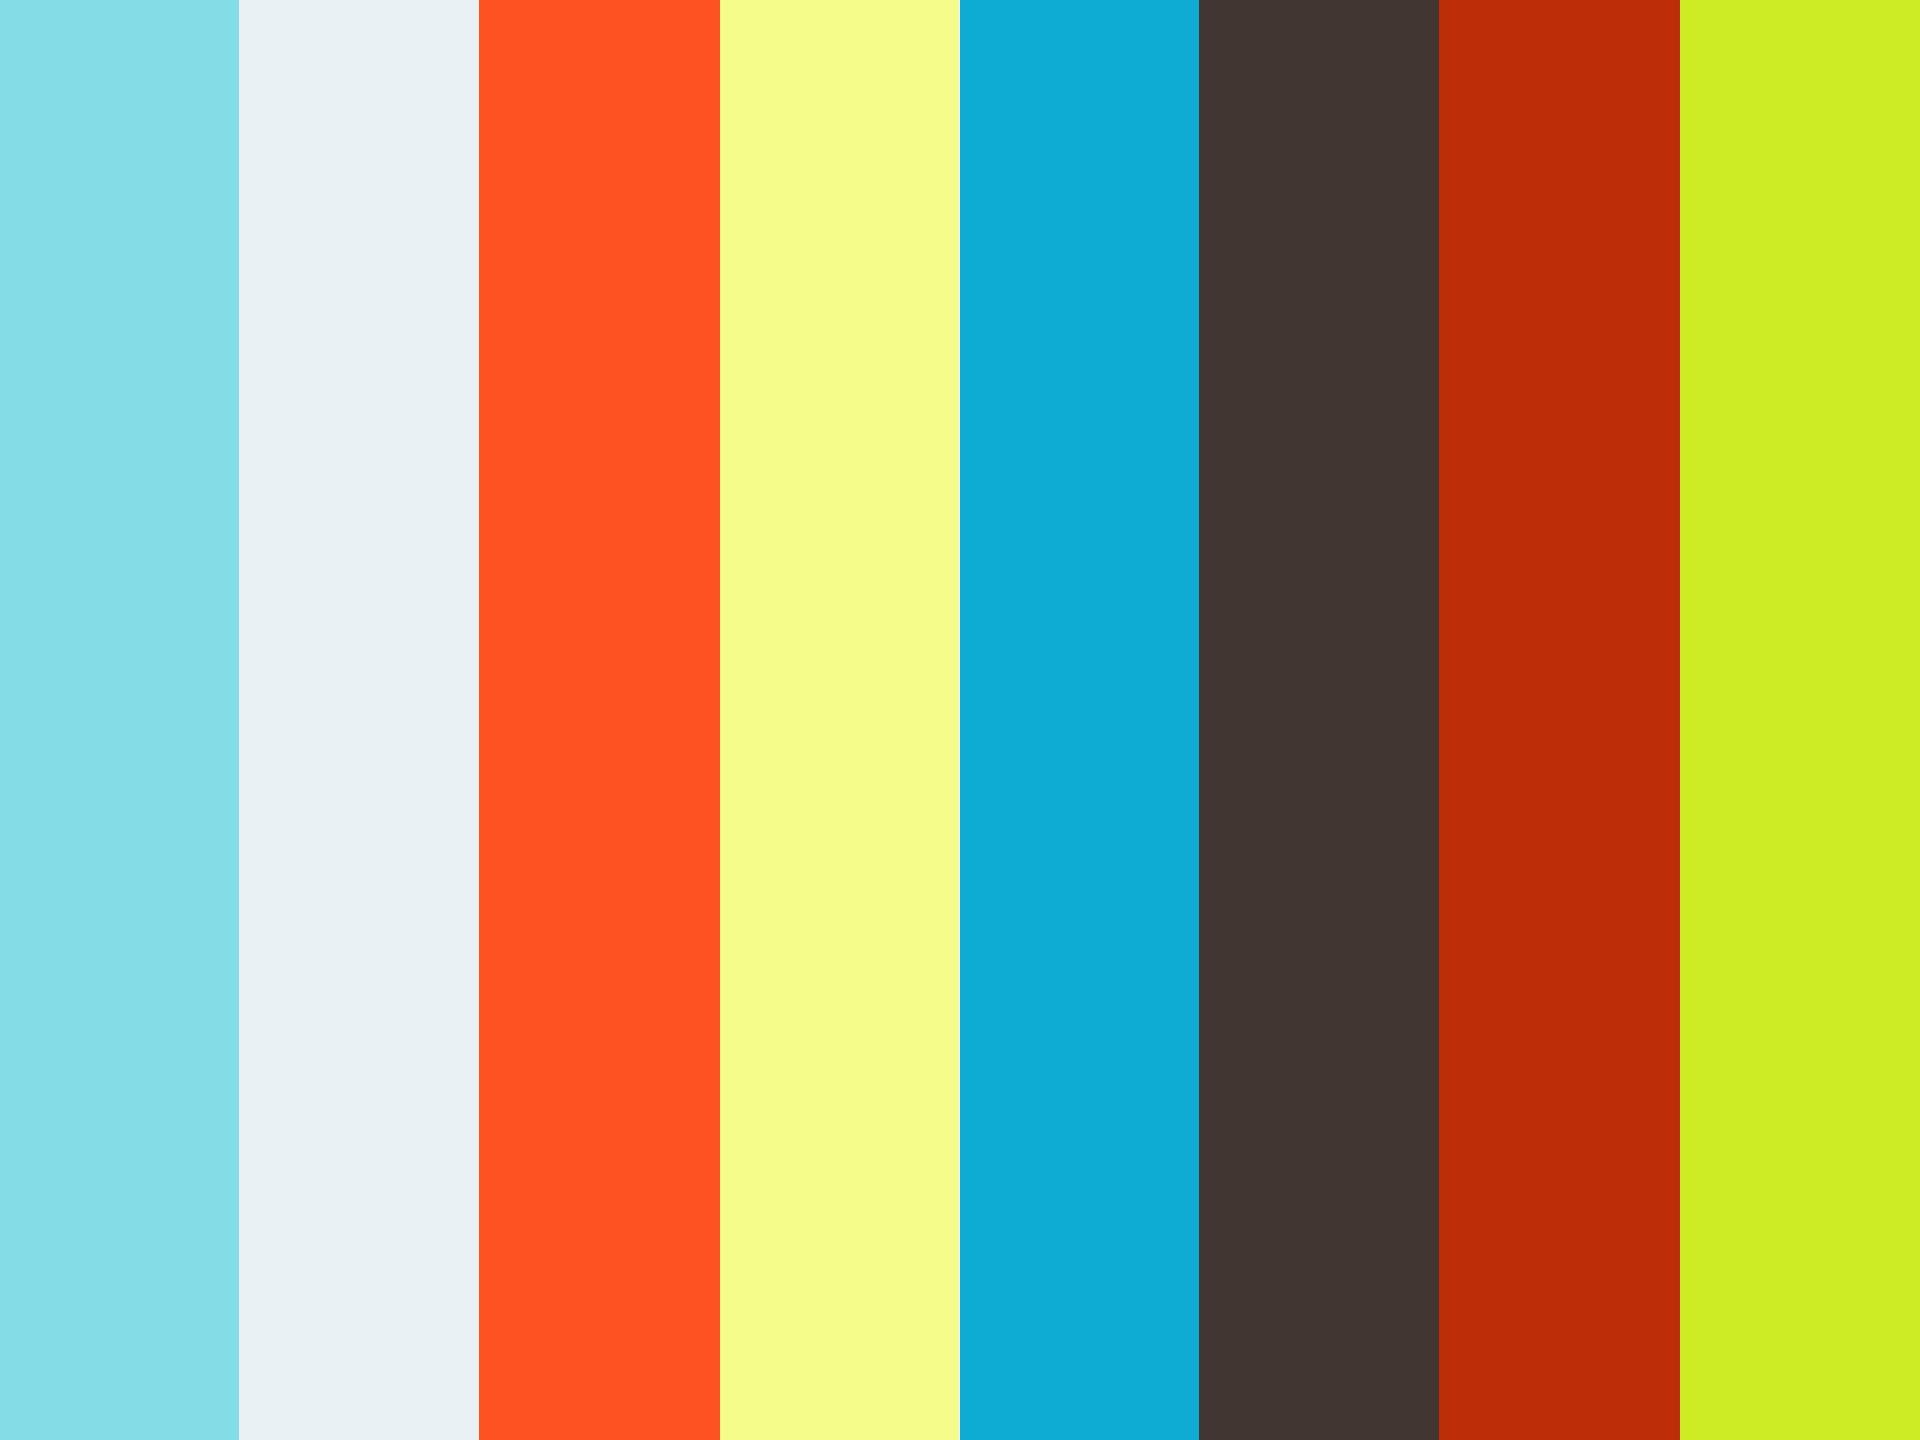 Avicii, Martin Garrix & Simon Aldred - Waiting For Love on Vimeo